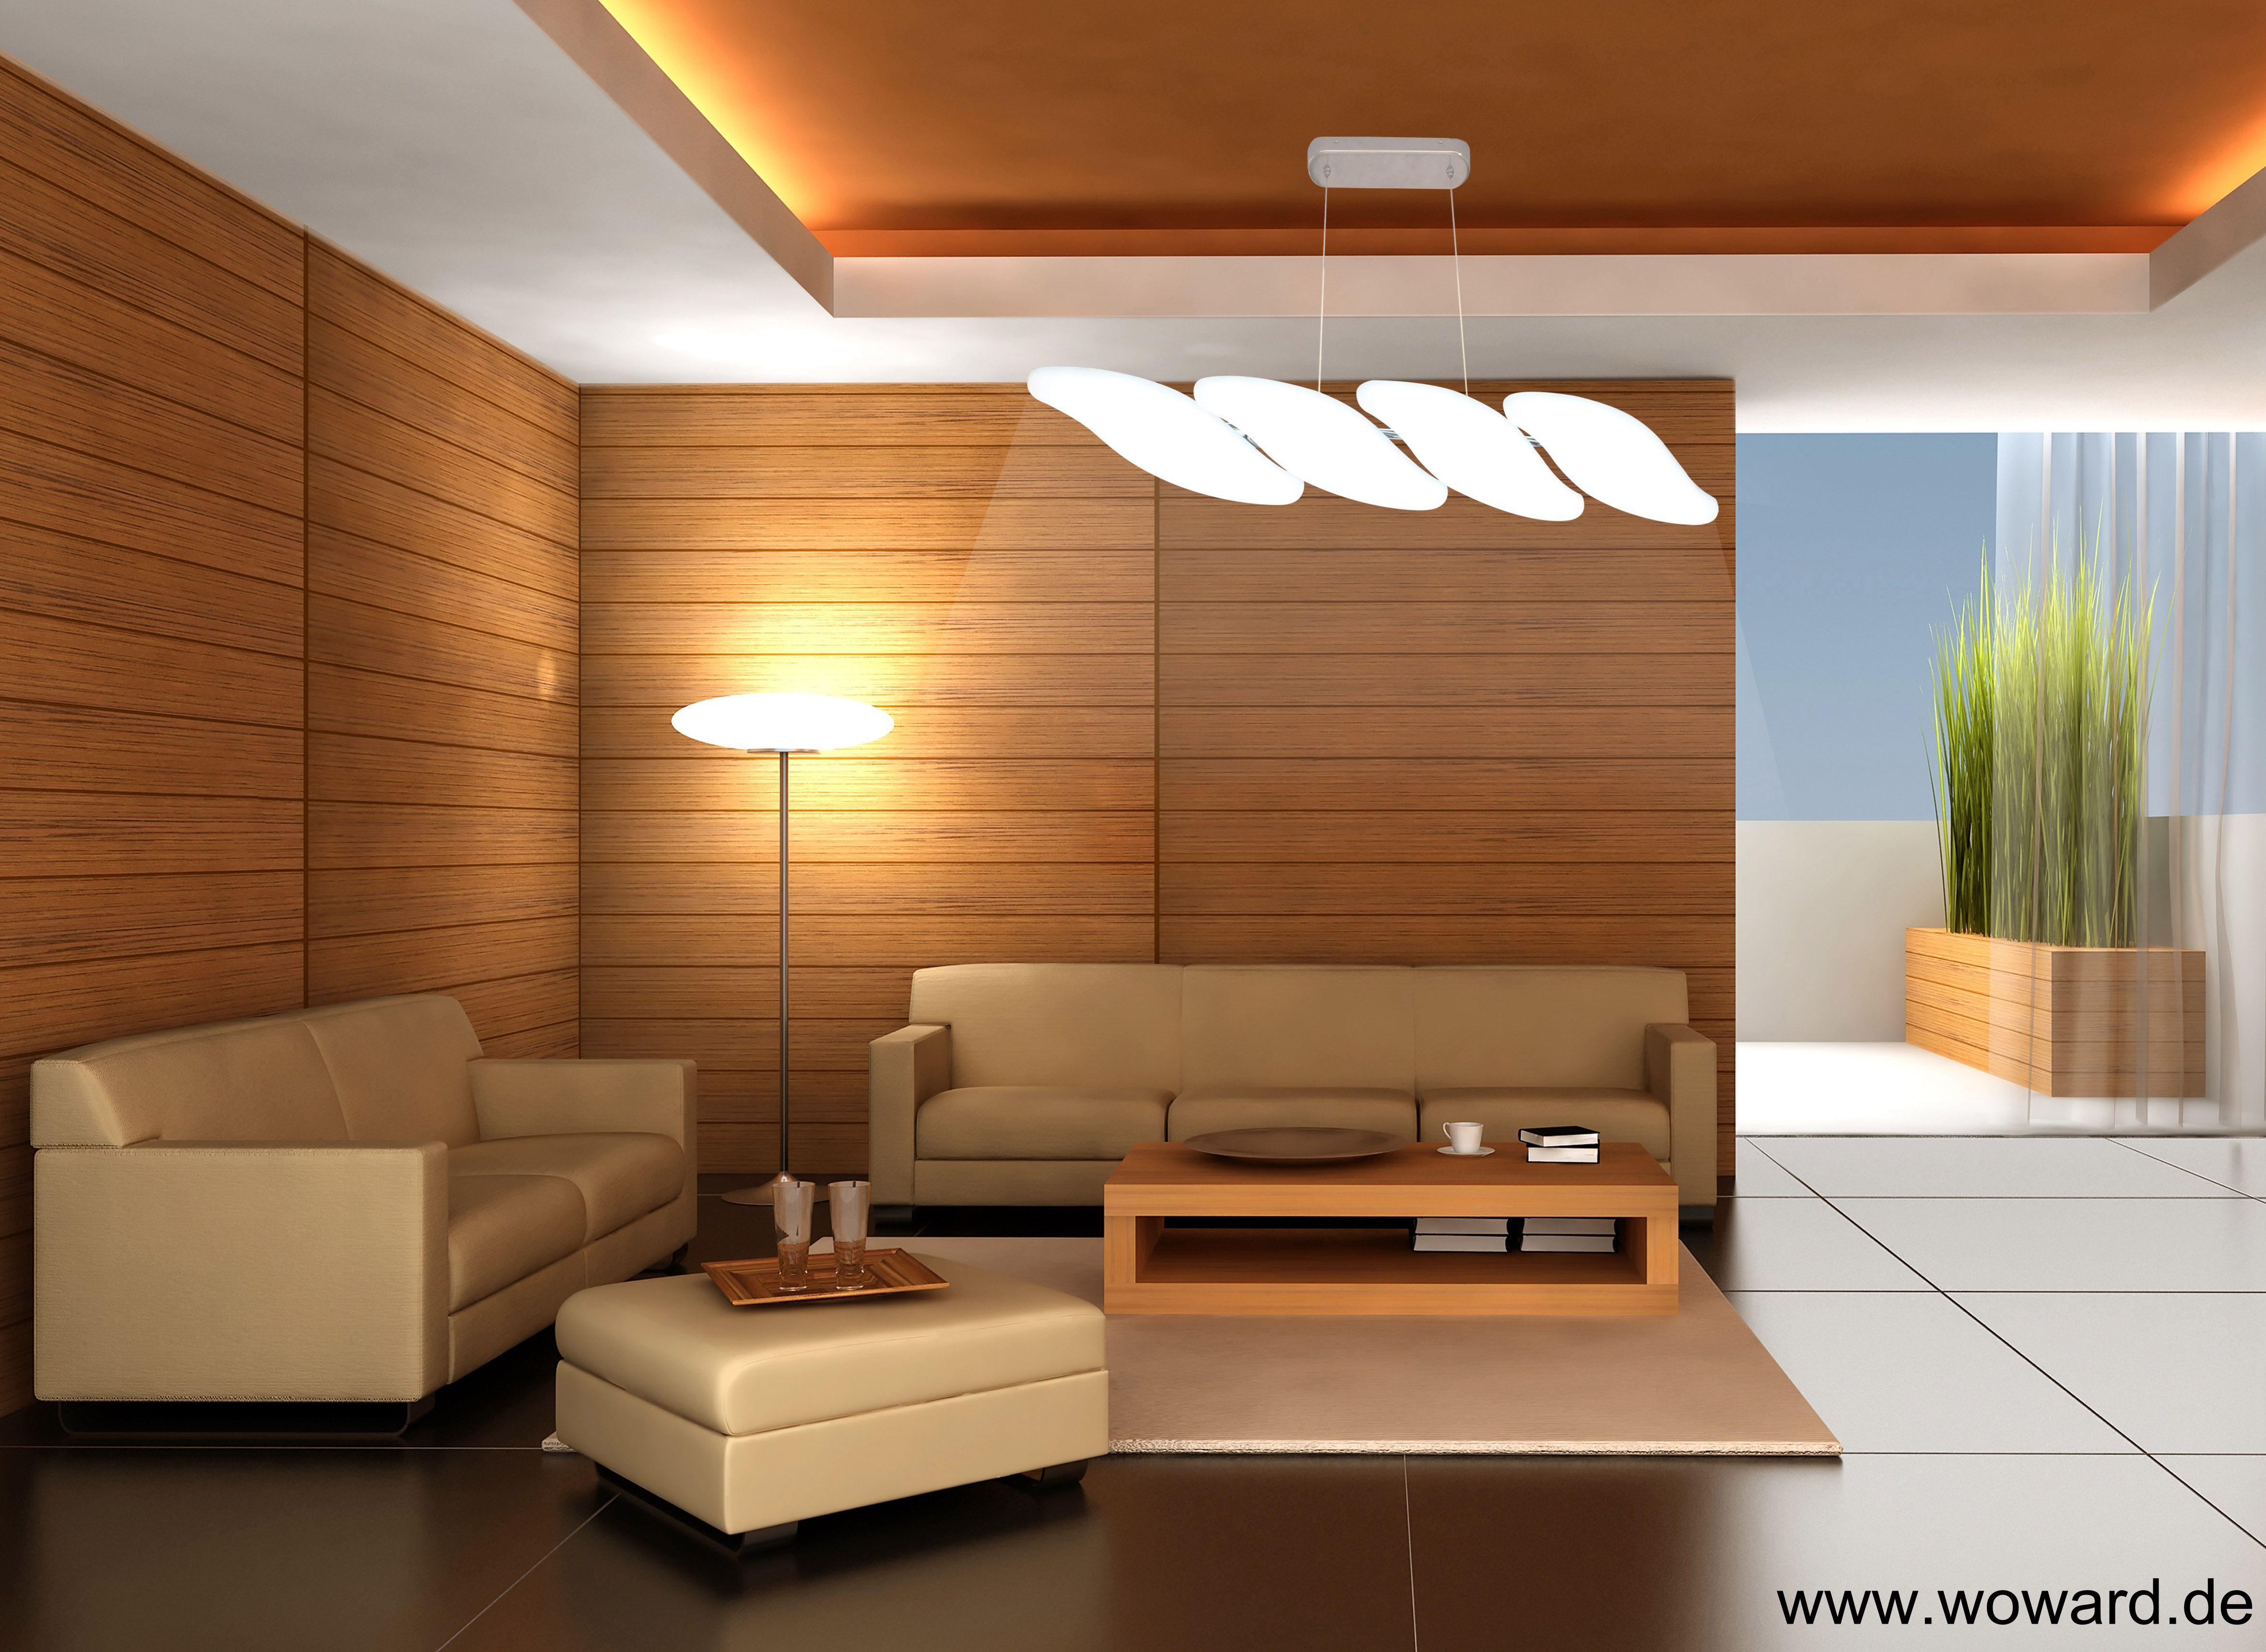 led 25w h ngelampe deckenlampe lampe leuchte droplamp wohnzimmer esszimmer licht ebay. Black Bedroom Furniture Sets. Home Design Ideas